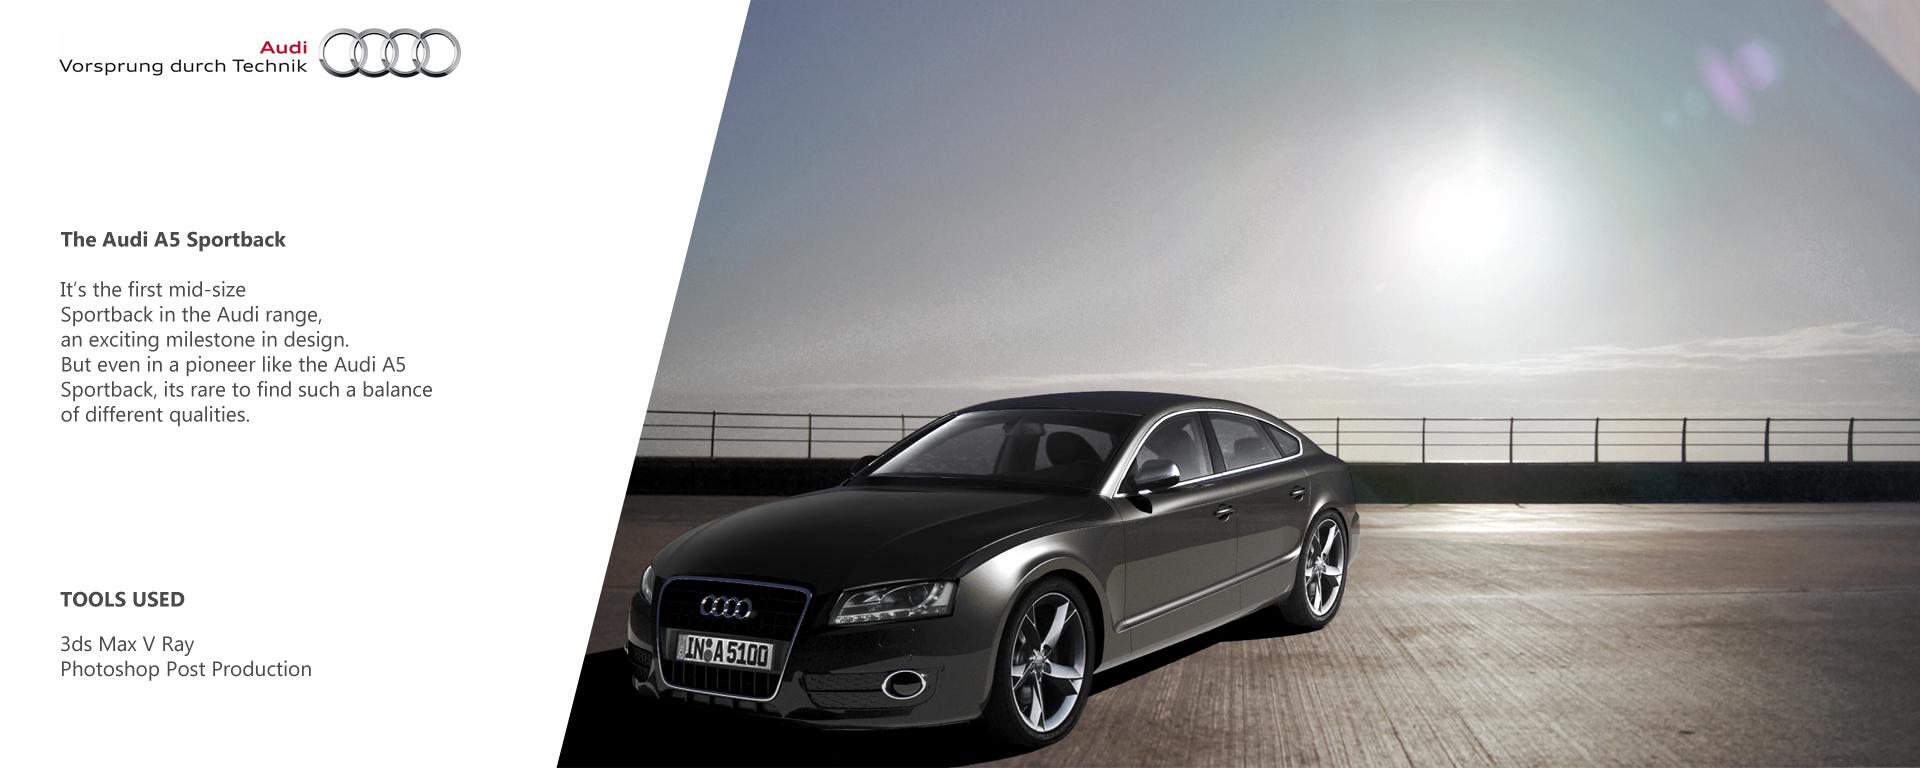 Audi A5 sportback 3d art